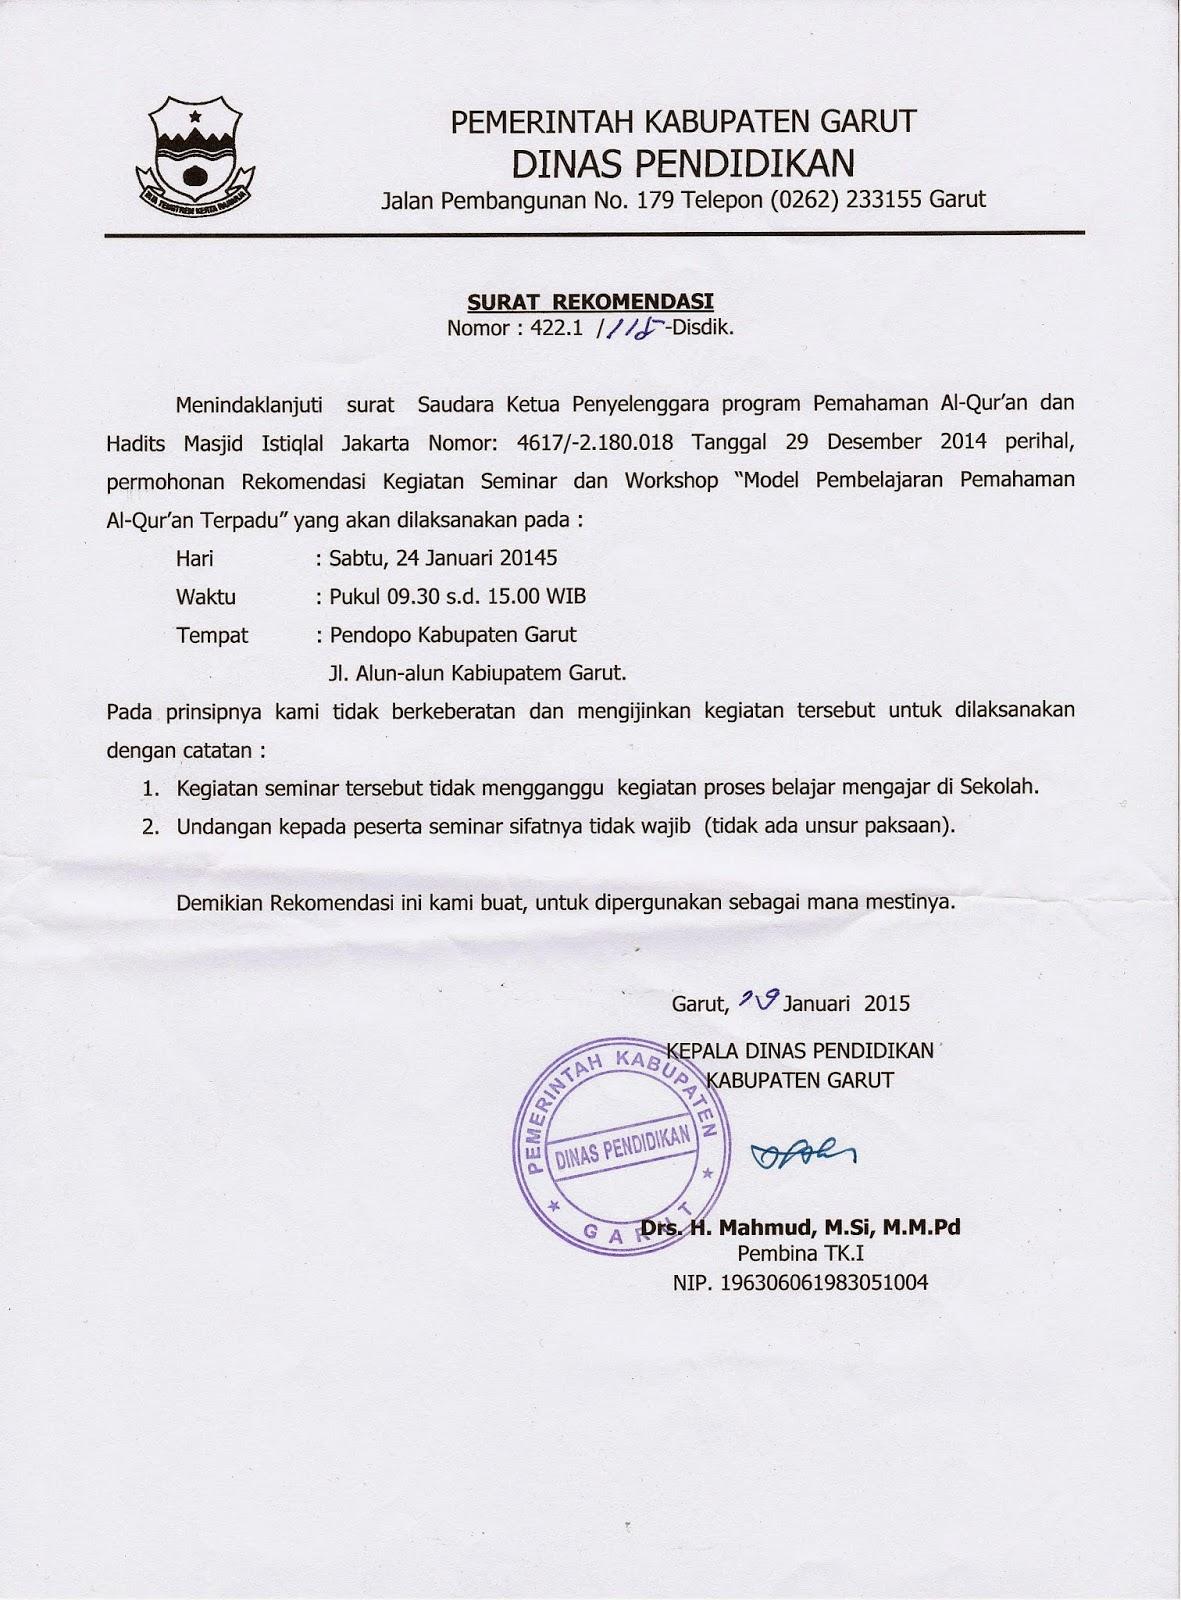 Kkg Pai Garut Surat Rekomendasi Kegiatan Seminar Dan Workshop